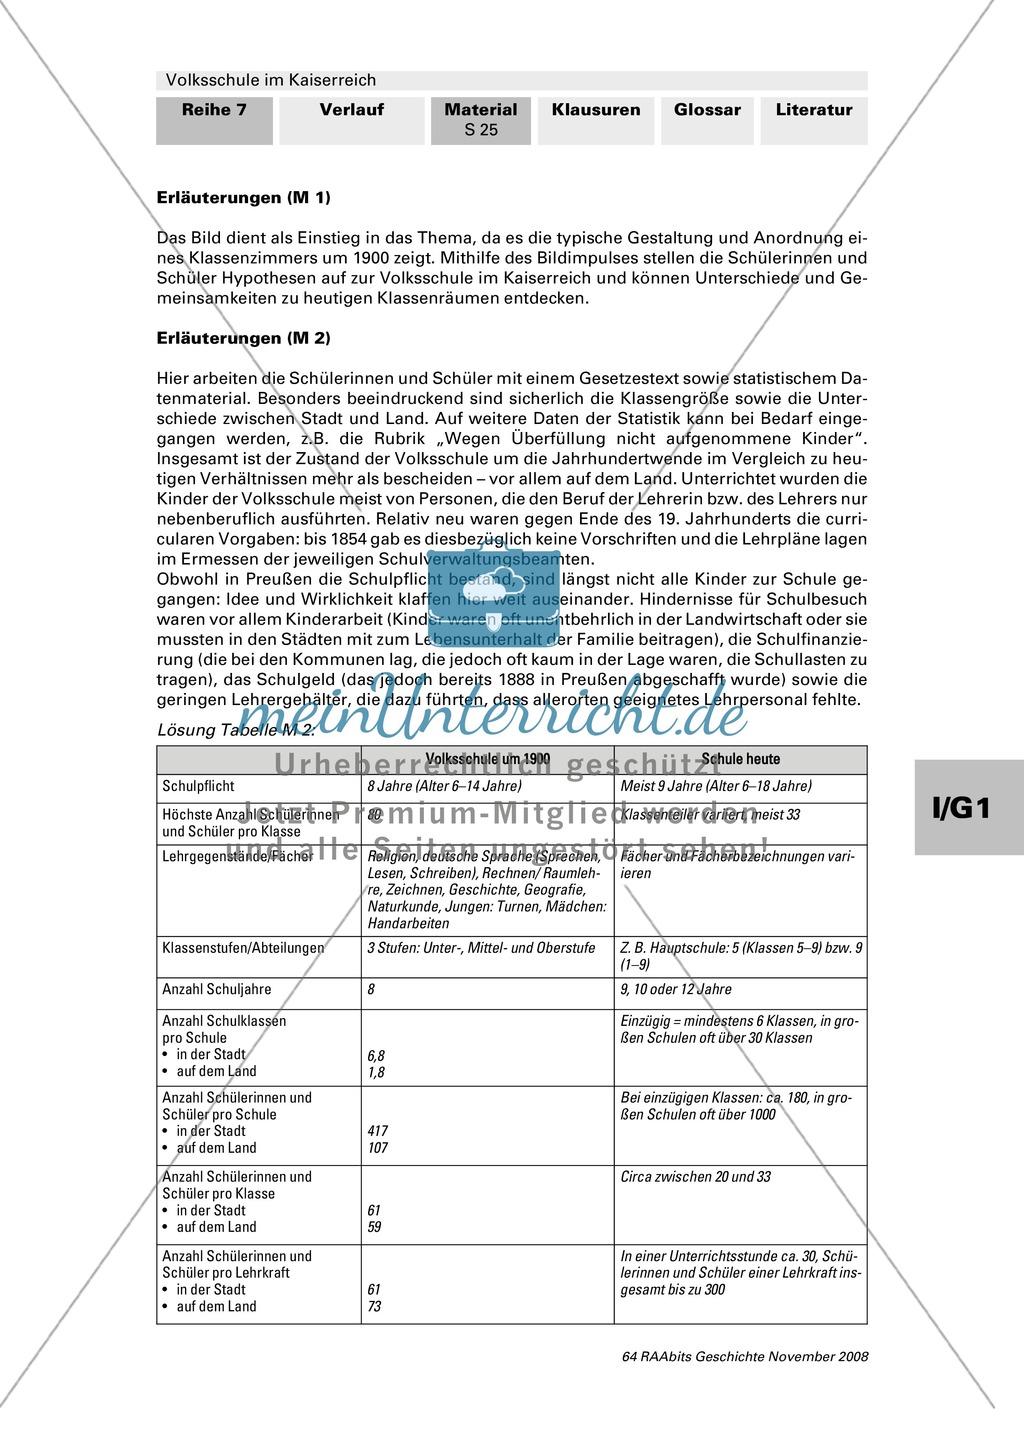 Volksschule im Kaiserreich: Gruppenarbeit zu Aspekten der Volksschule wie Disziplin, Regeln, Strafen, Stundenplan, Lehrerverhalten Preview 13